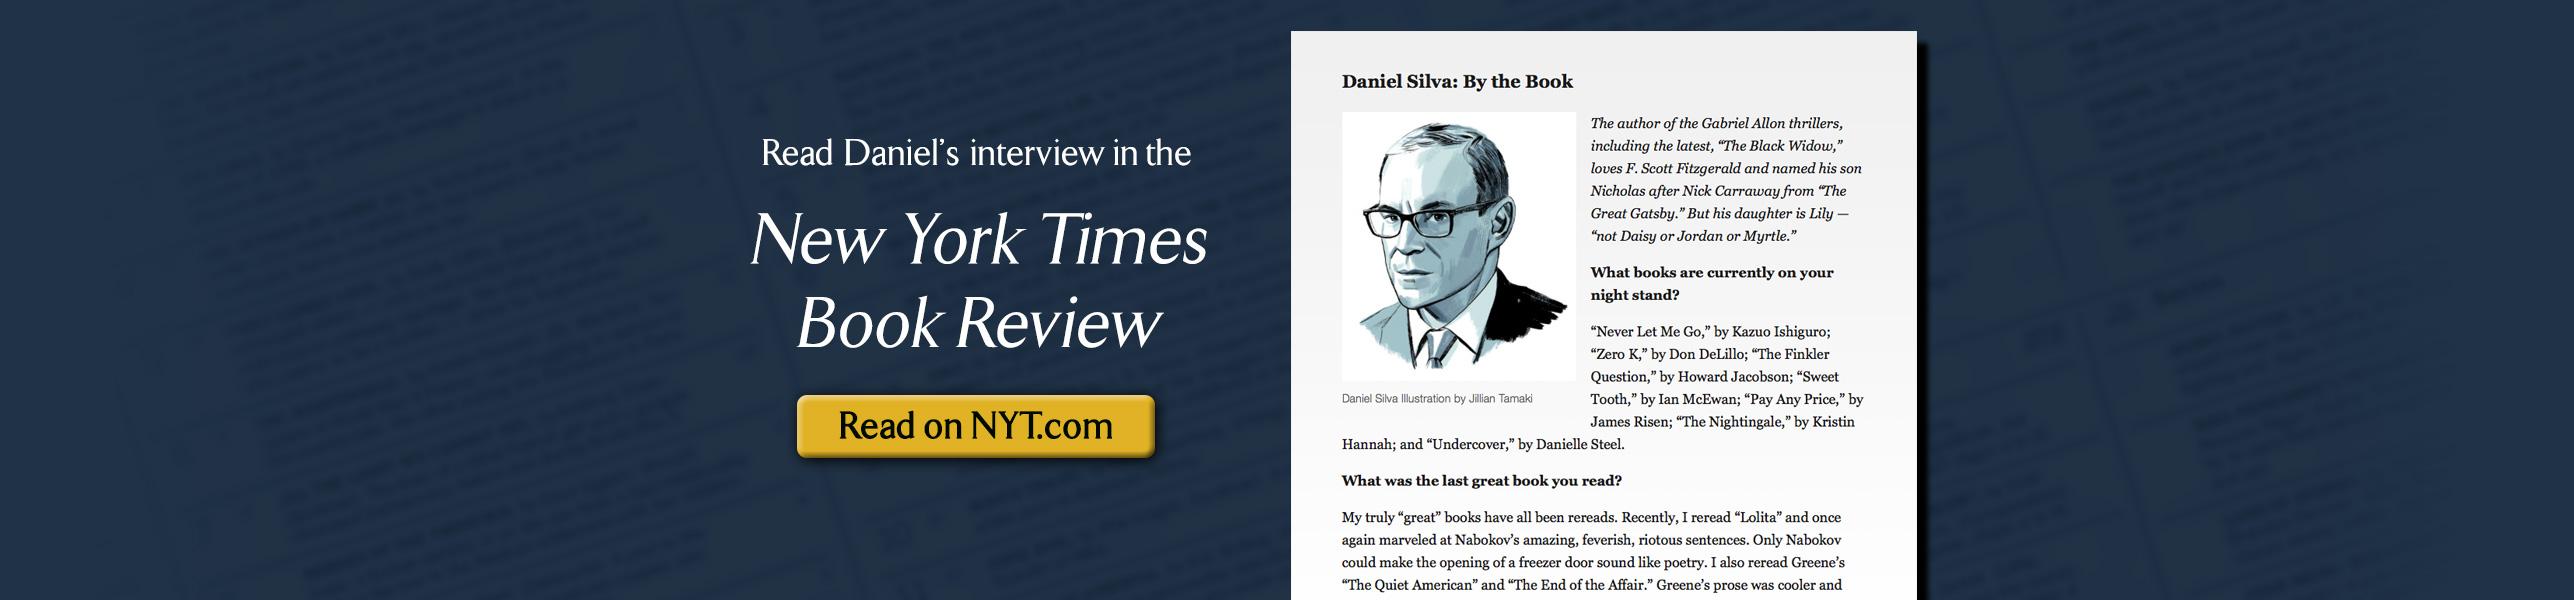 Daniel Silva in By the Book